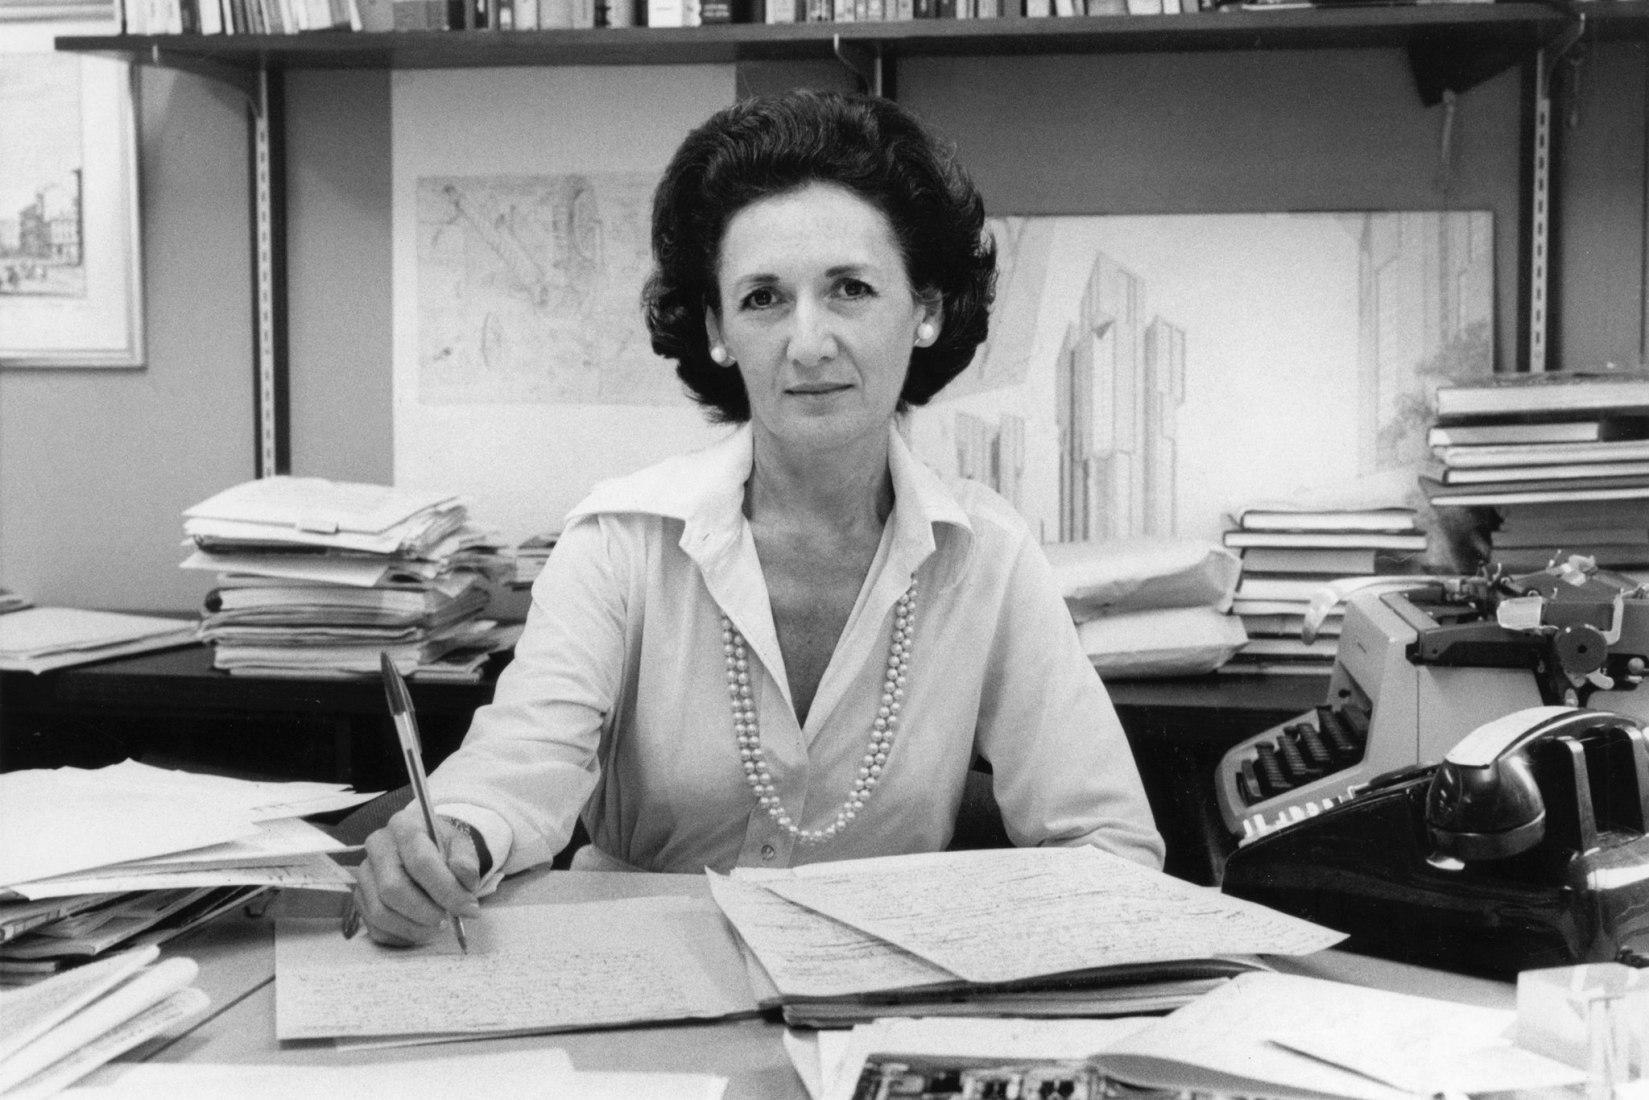 La crítica de arquitectura Ada Louise Huxtable murió el lunes a los 91 años. Fotografía de Gene Maggio.